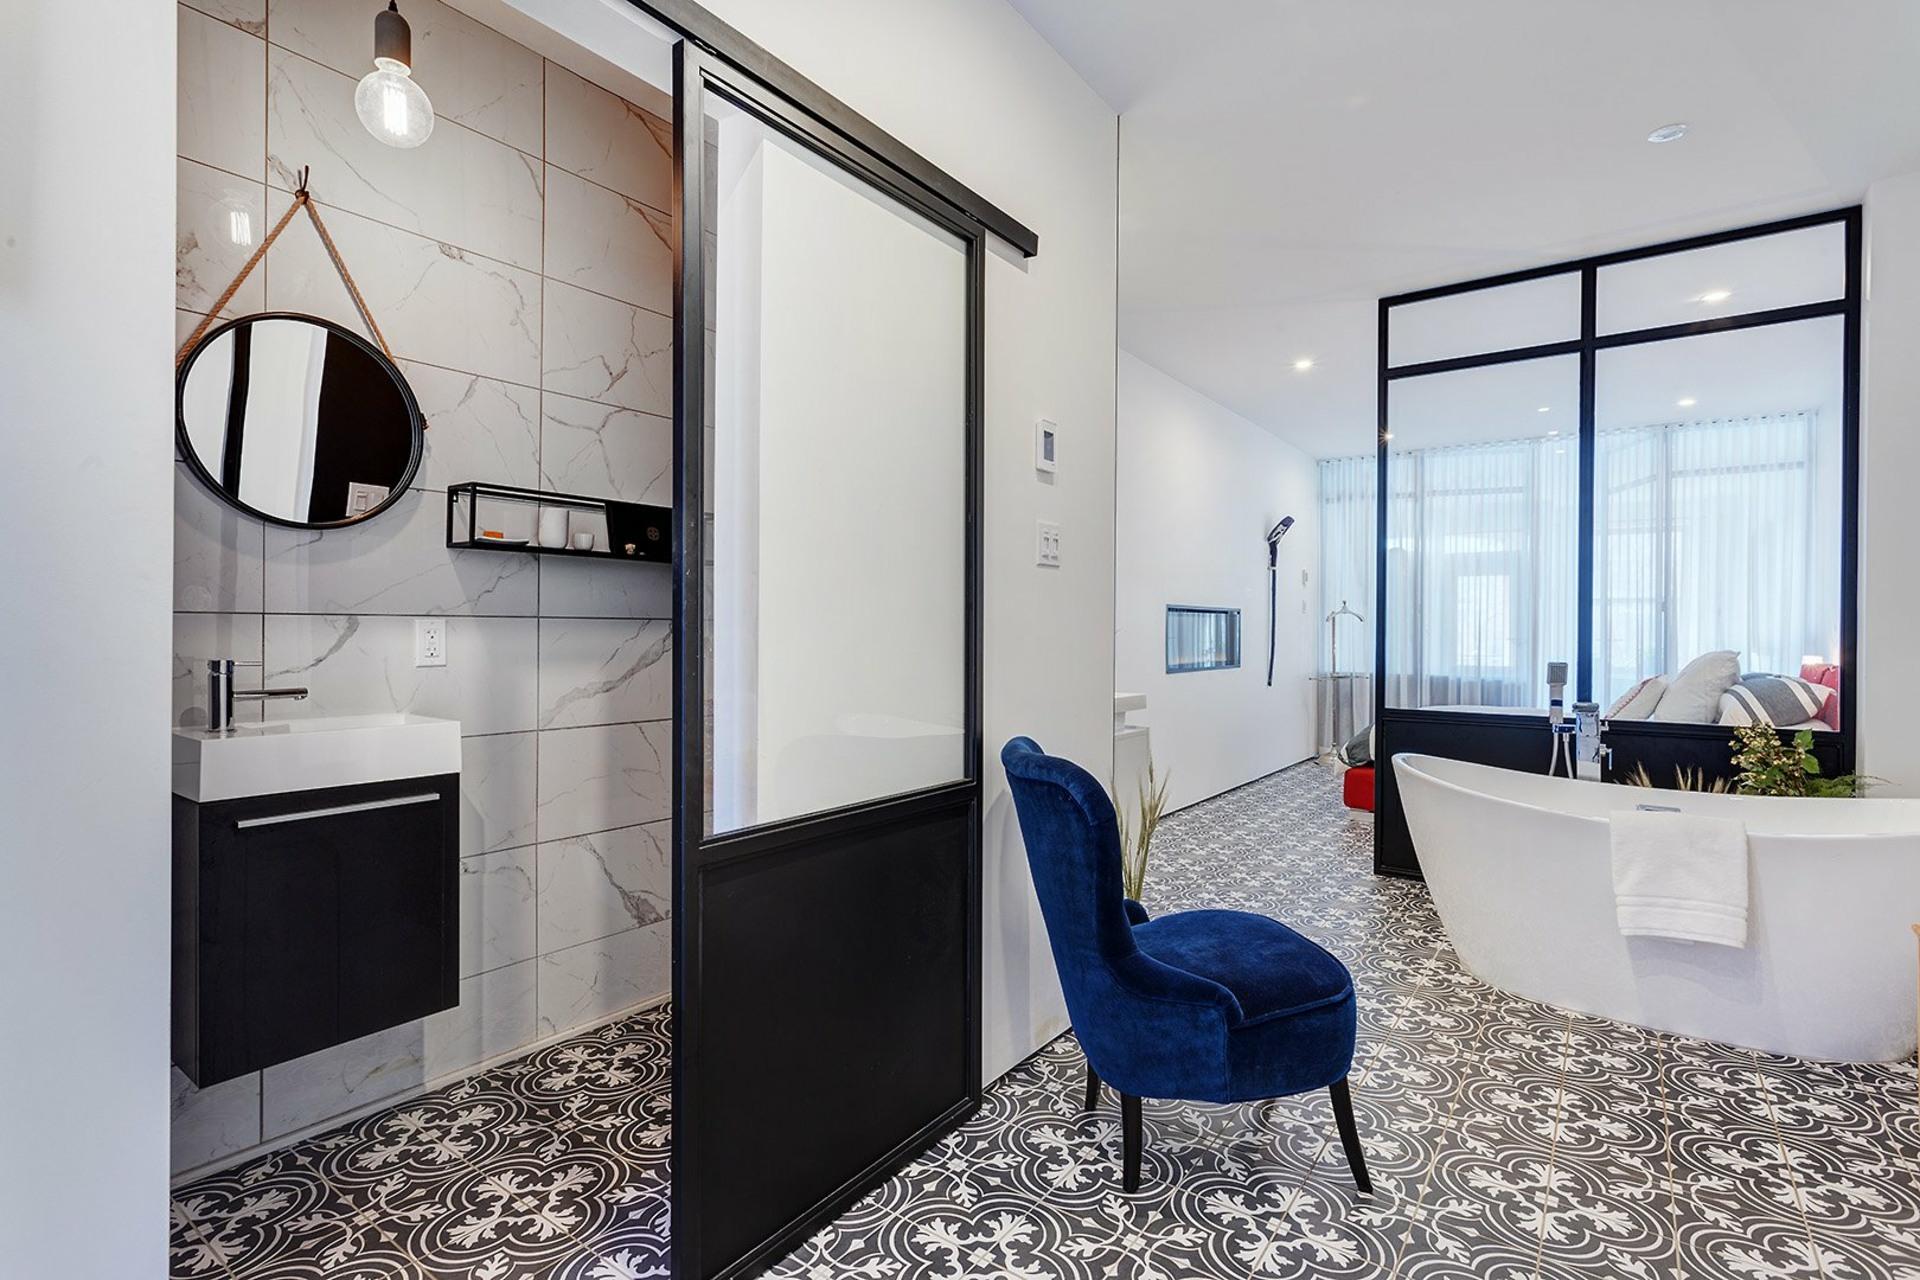 image 9 - Appartement À vendre Rosemont/La Petite-Patrie Montréal  - 13 pièces